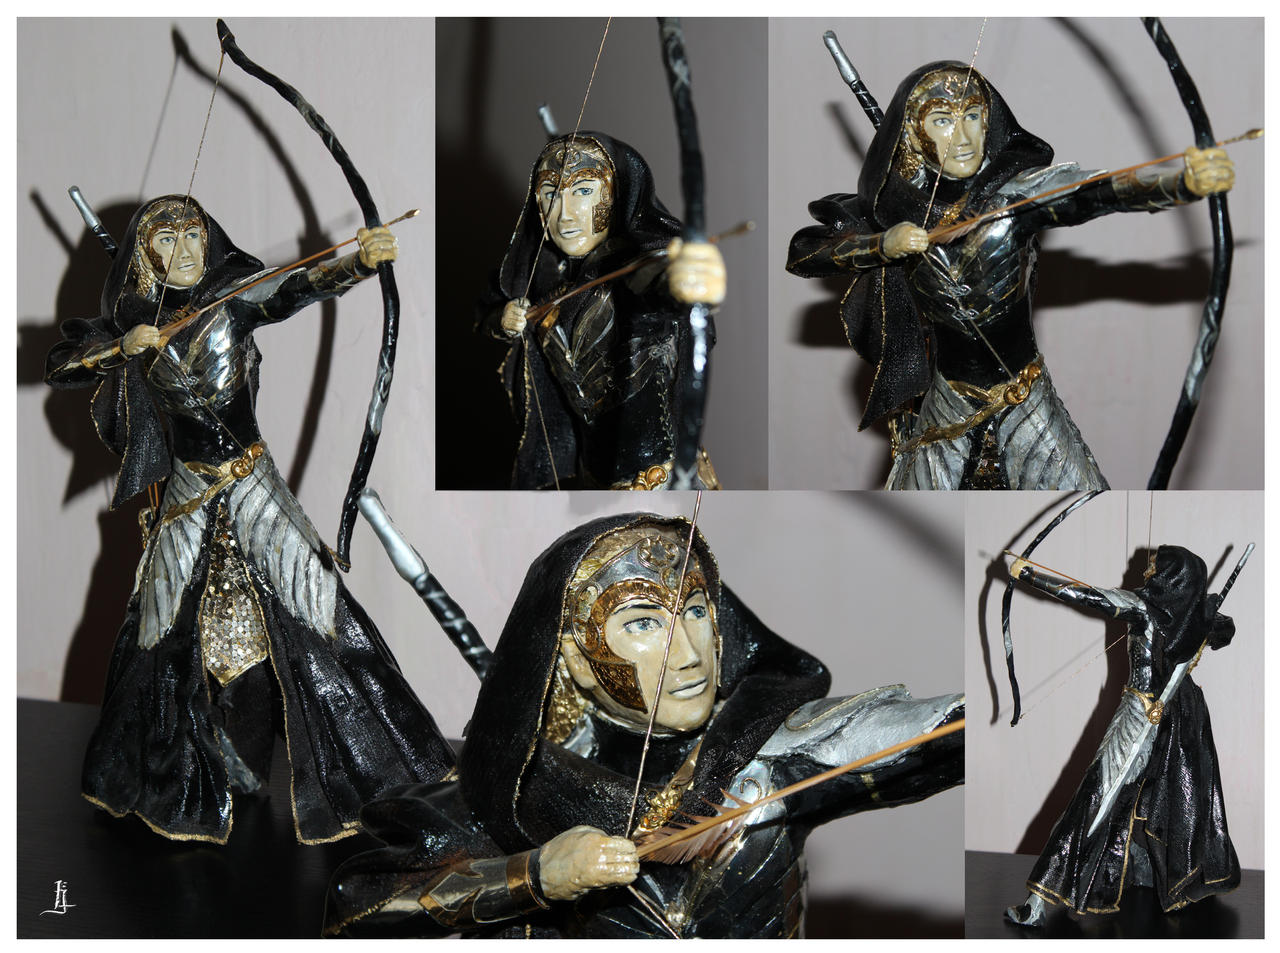 Statue - Elf by jankolas